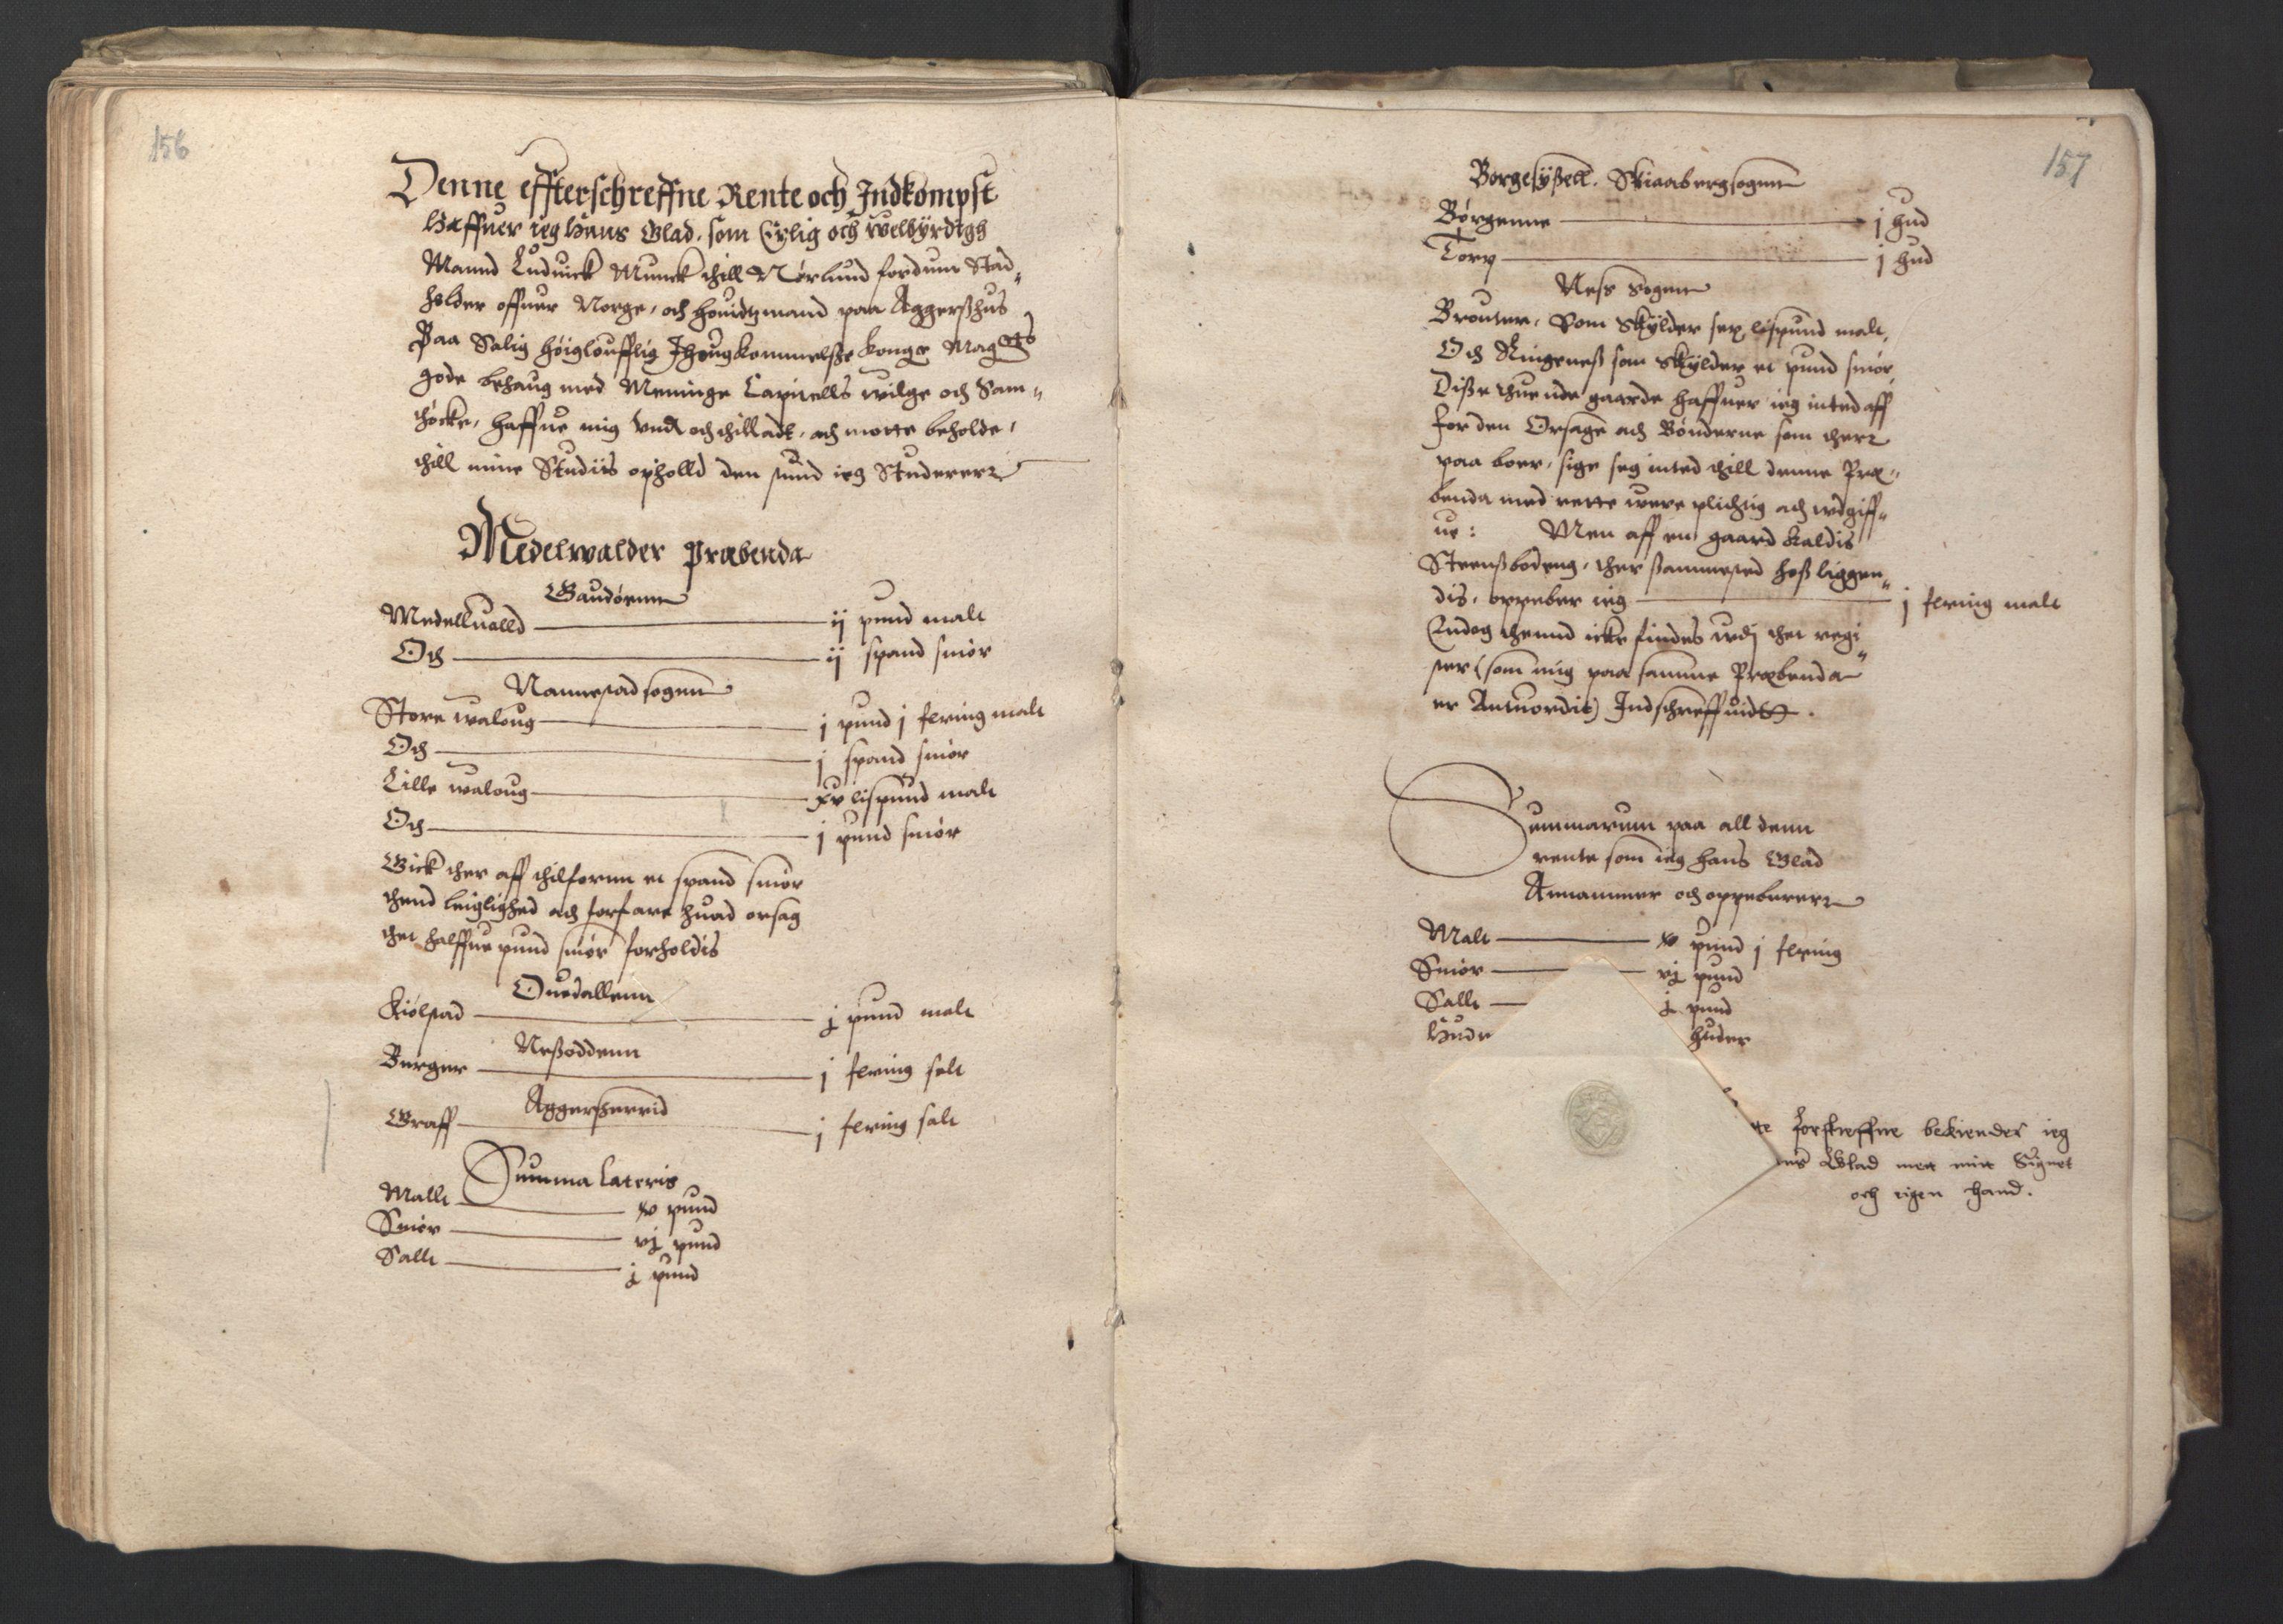 RA, Stattholderembetet 1572-1771, Ek/L0001: Jordebøker før 1624 og til utligning av garnisonsskatt 1624-1626:, 1595, s. 156-157